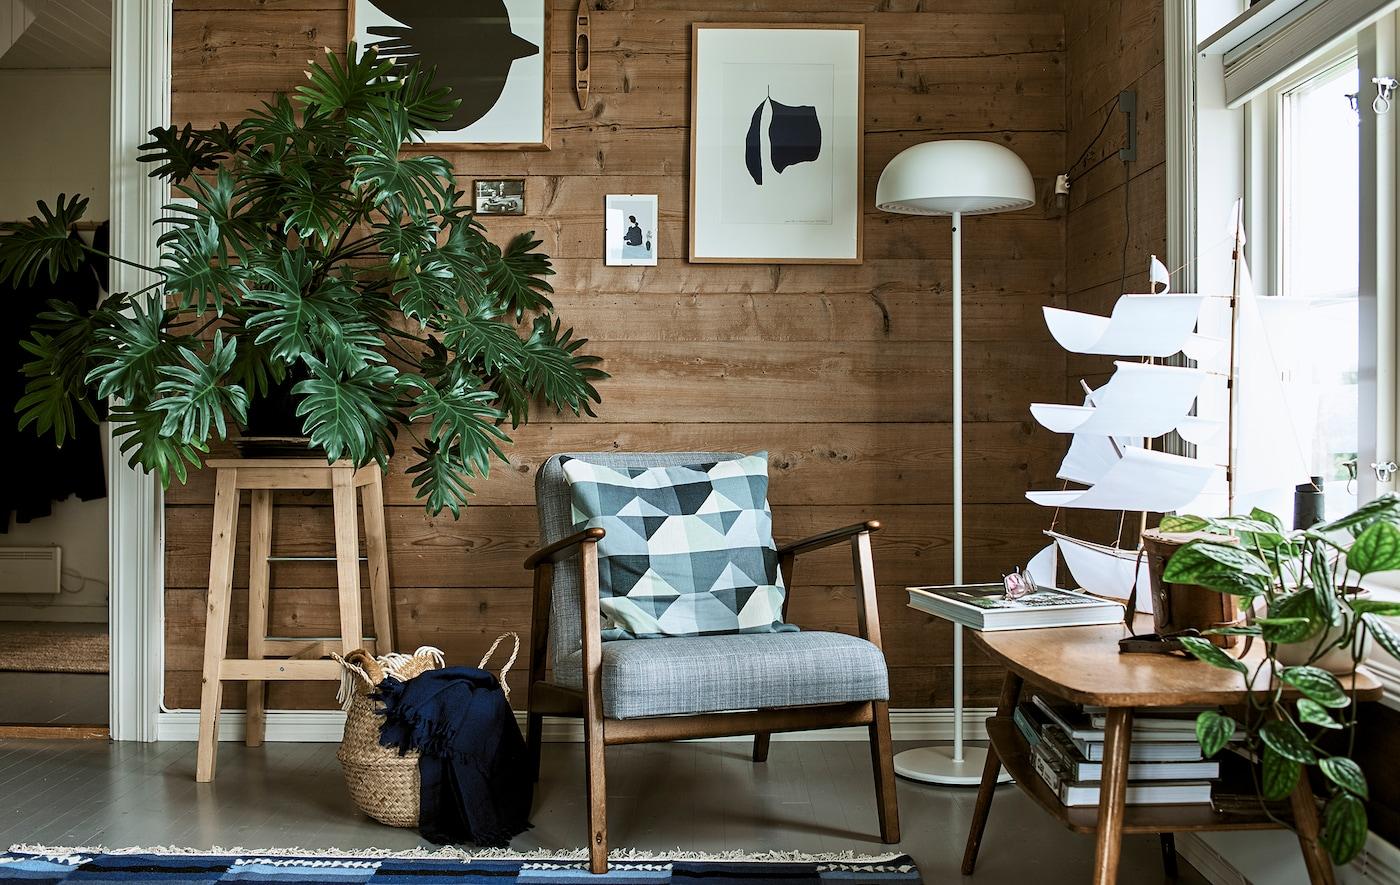 Un salon rustique avec un fauteuil à structure en bois, un lampadaire blanc et un tabouret utilisé comme piédestal pour une plante à grandes feuilles.